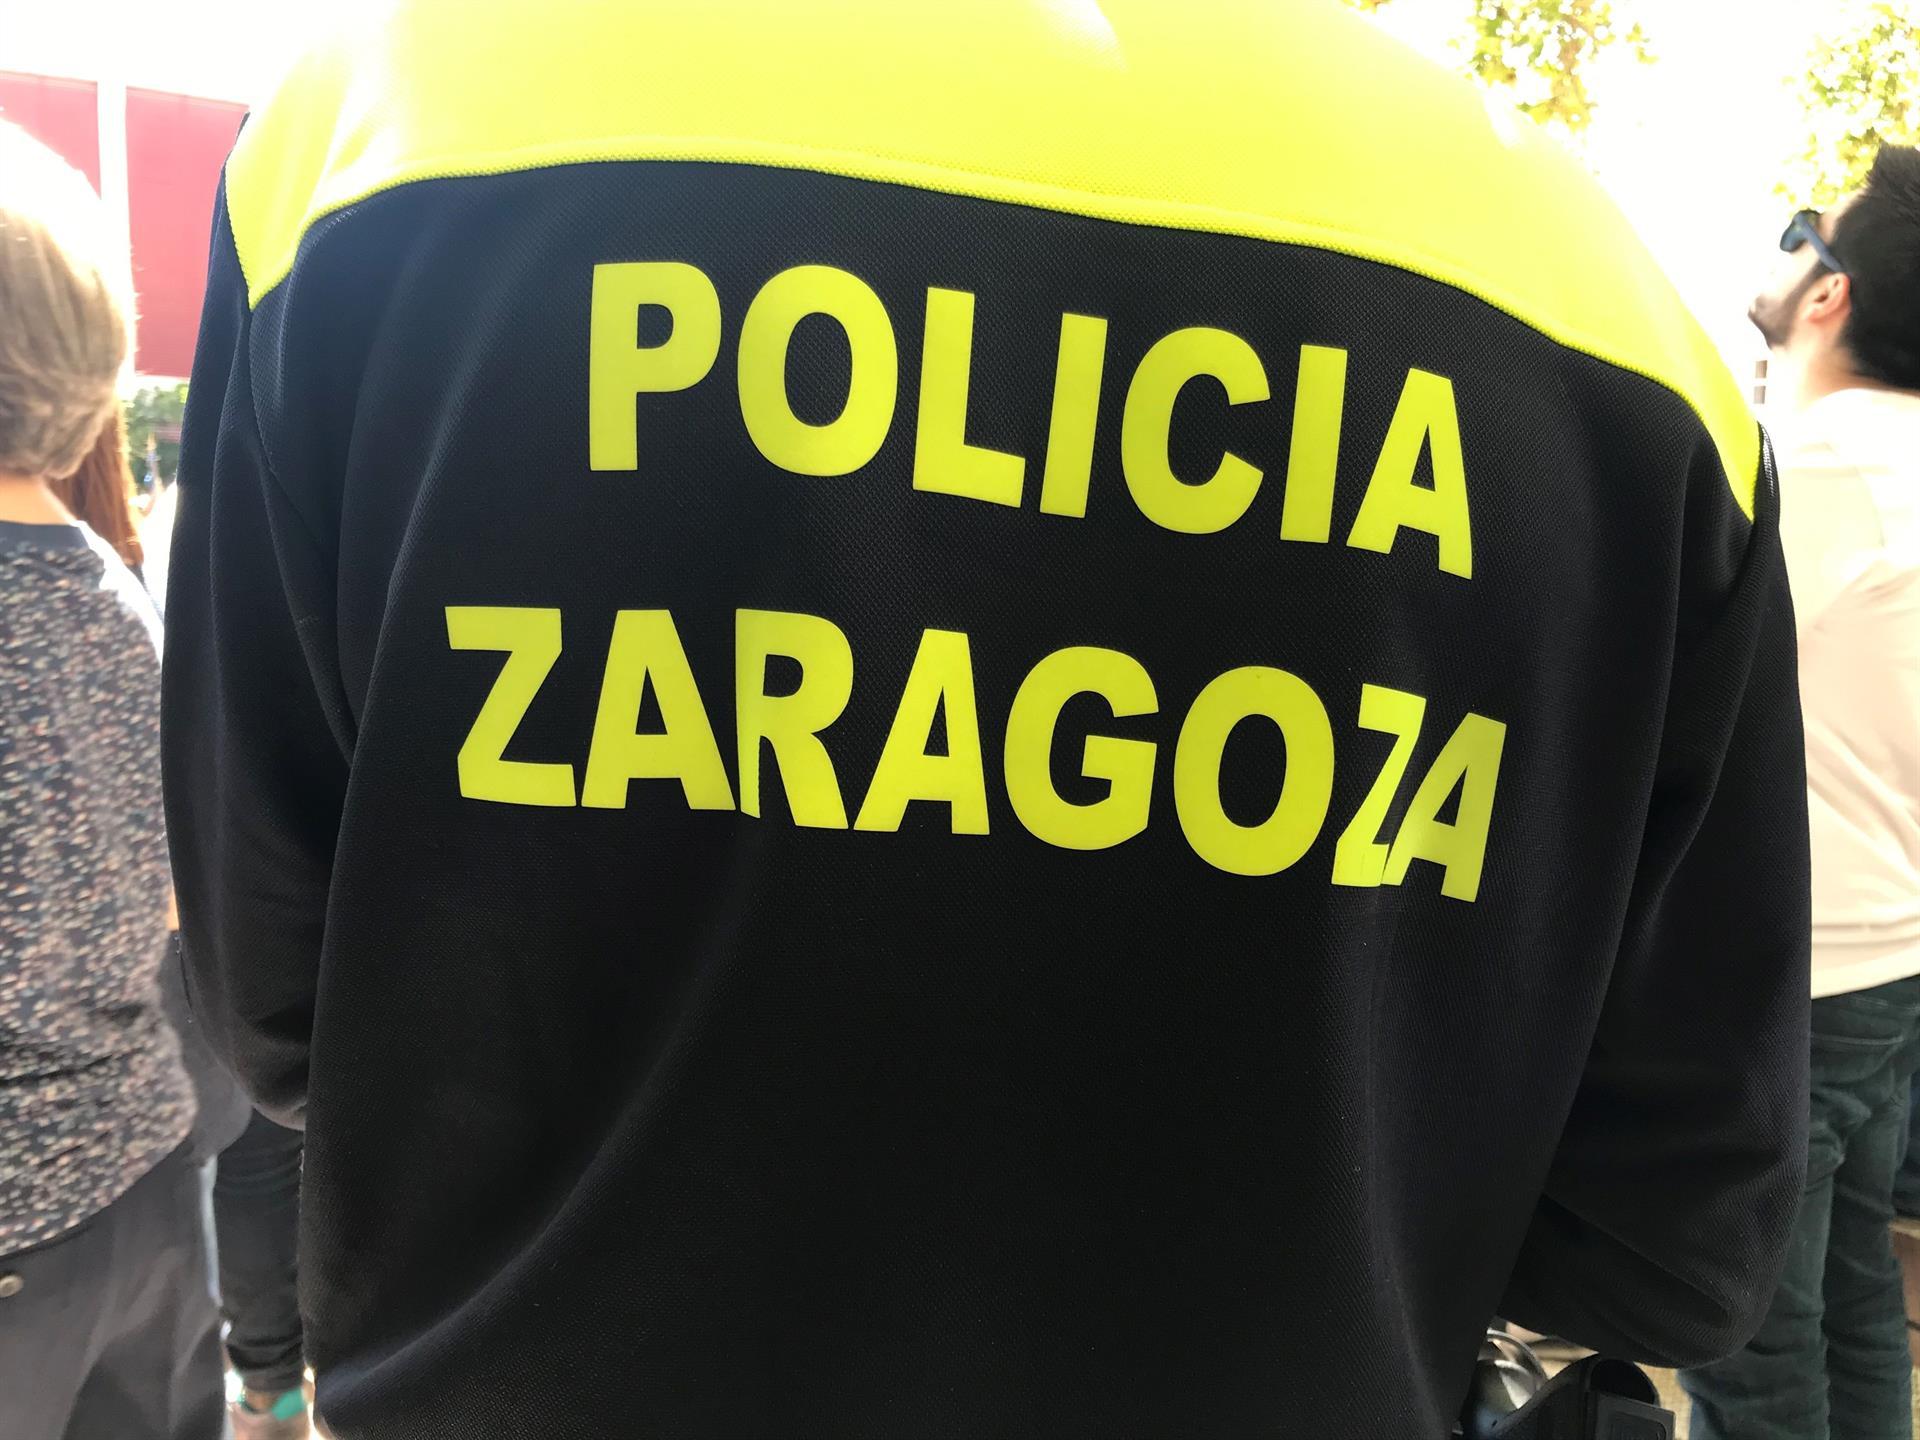 La Policía Local de Zaragoza realiza 537 multas por no llevar mascarilla y 115 por botellones - EUROPA PRESS - Archivo